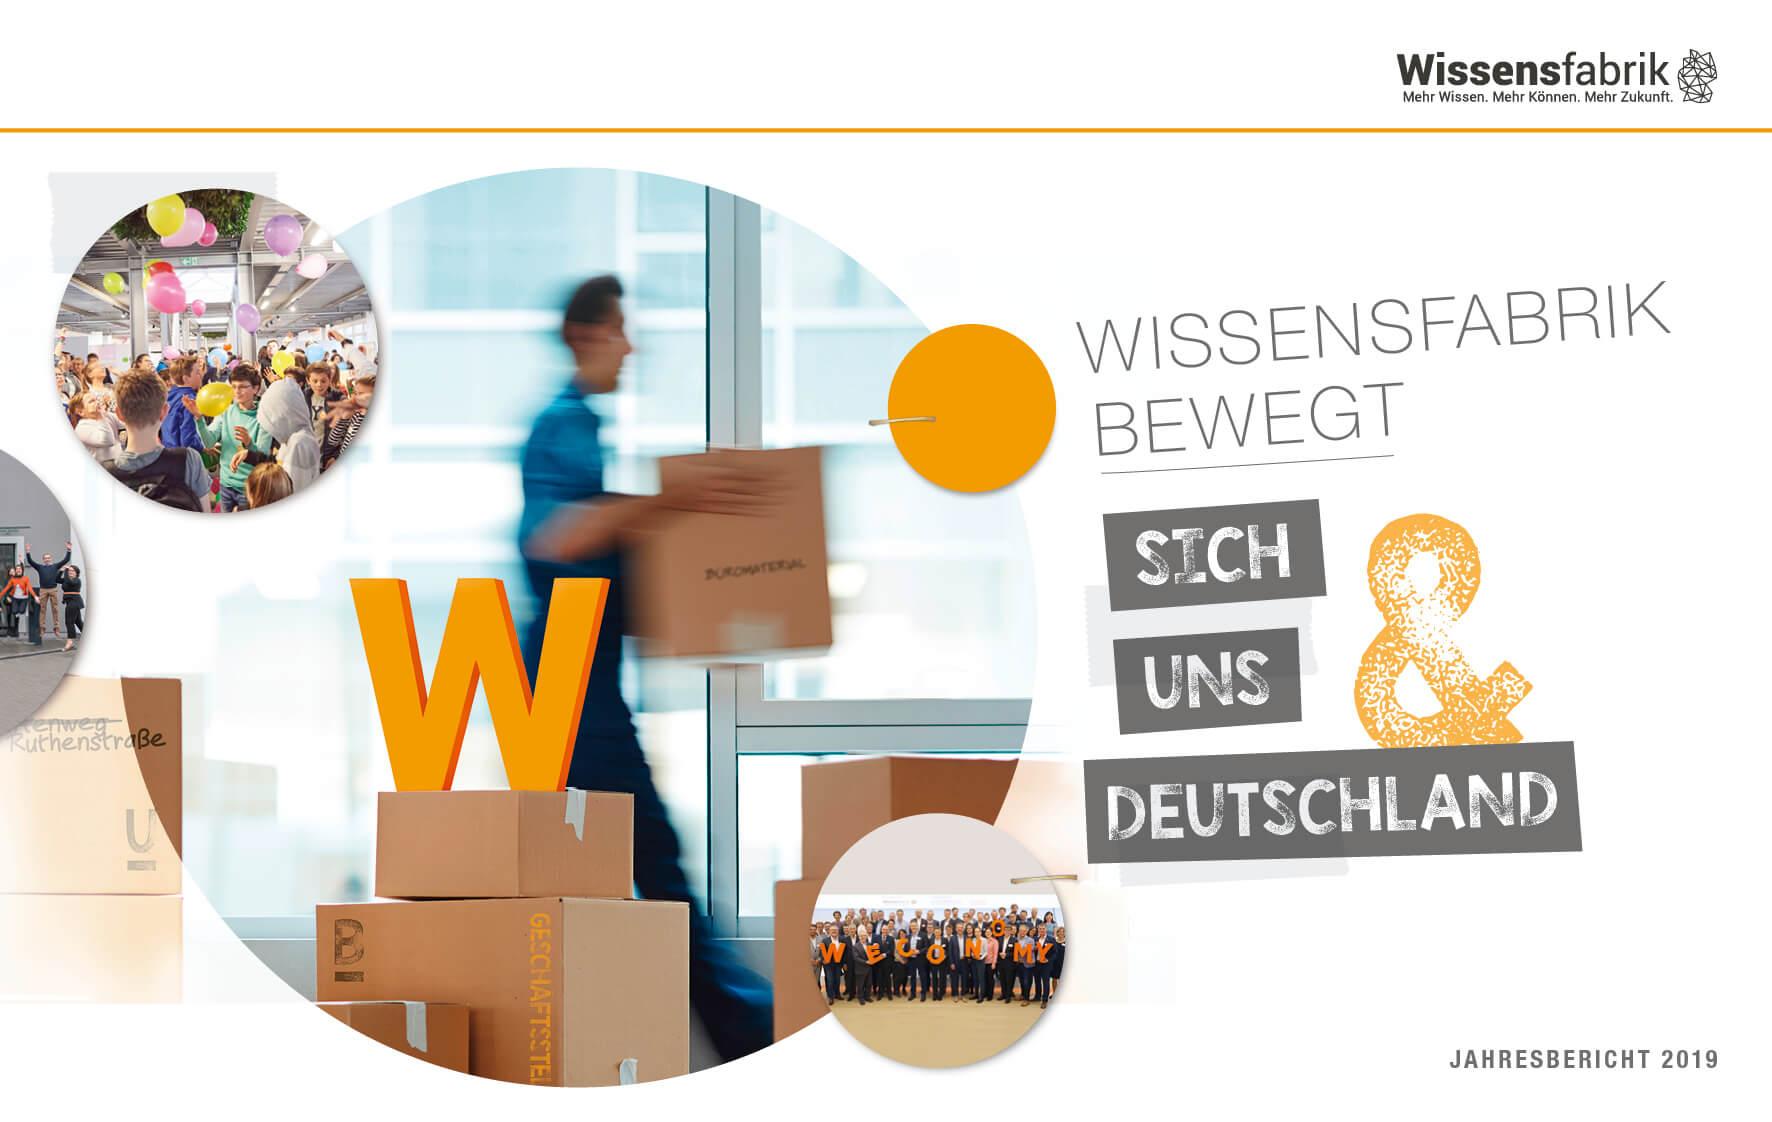 Titelseite des Wissensfabrik-Jahresberichts 2019